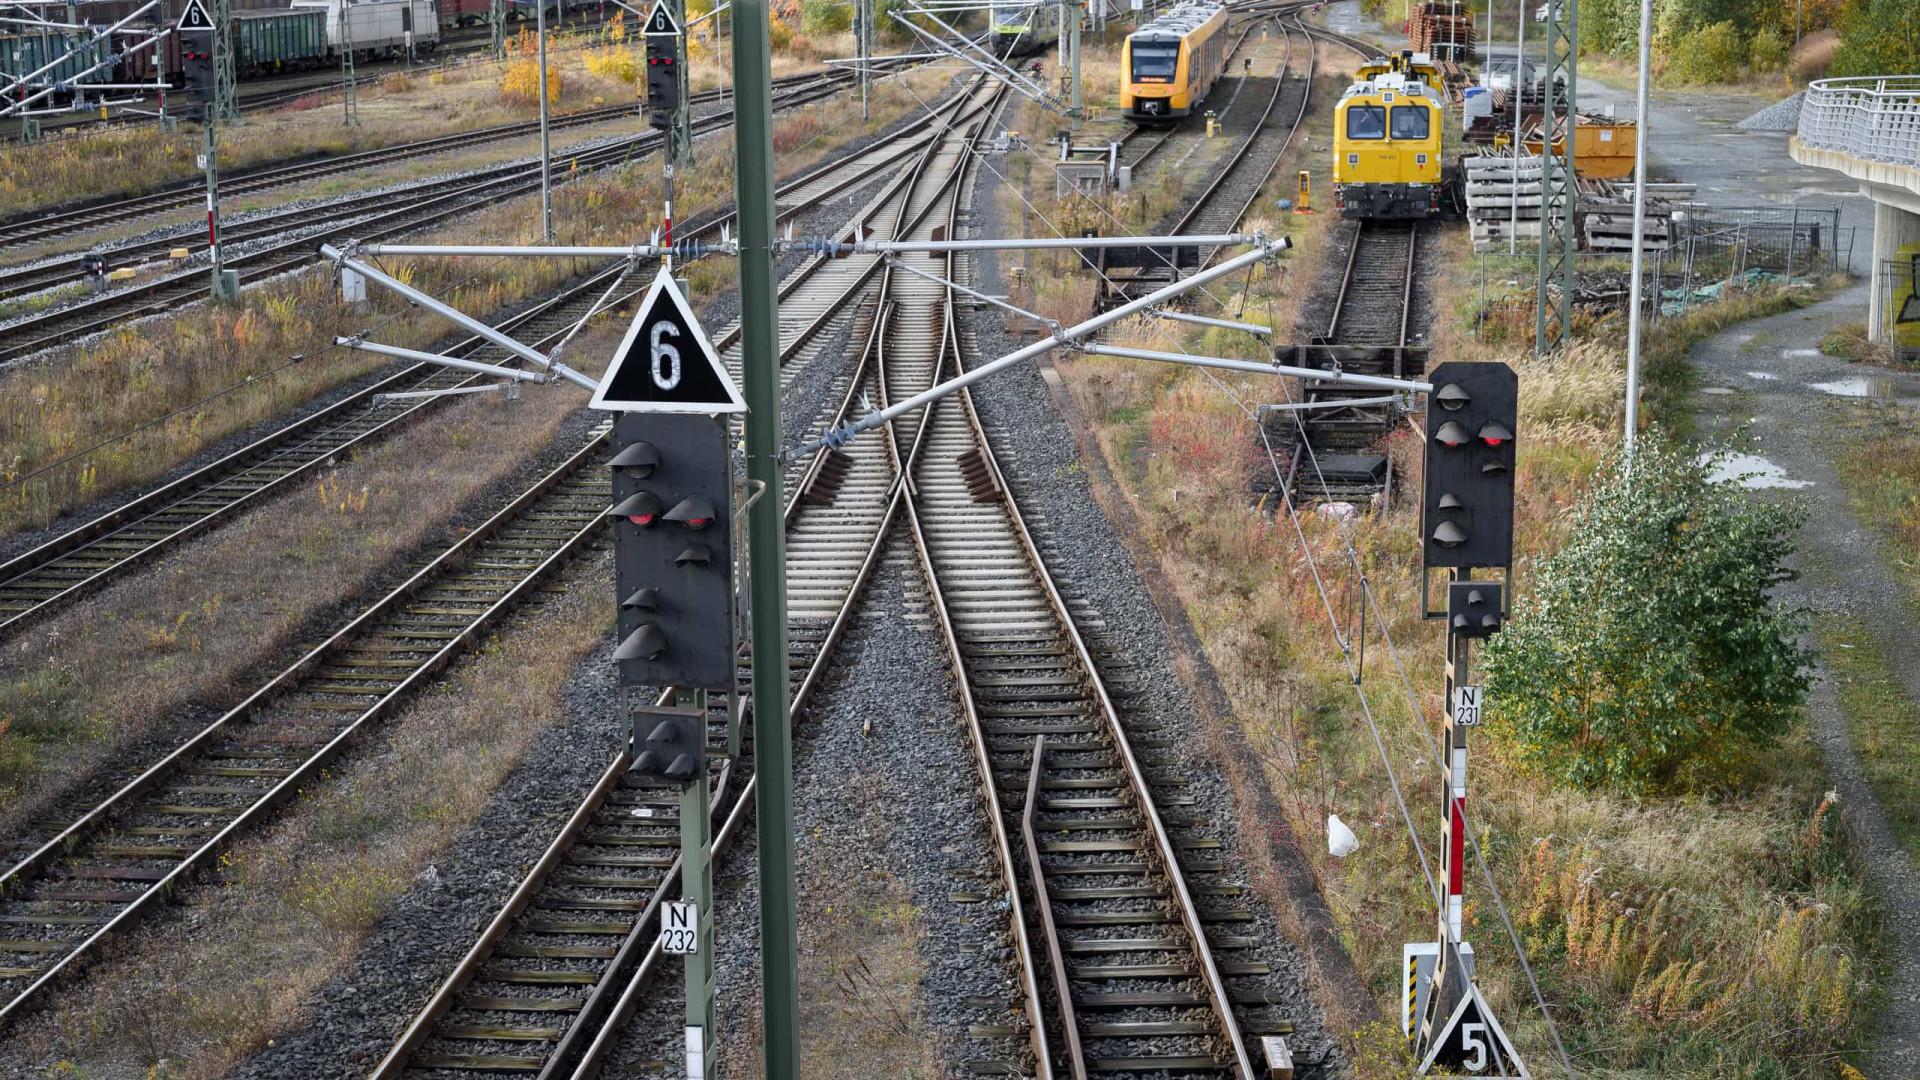 Tempestade Ignatz afeta tráfego ferroviário em vários estados na Alemanha